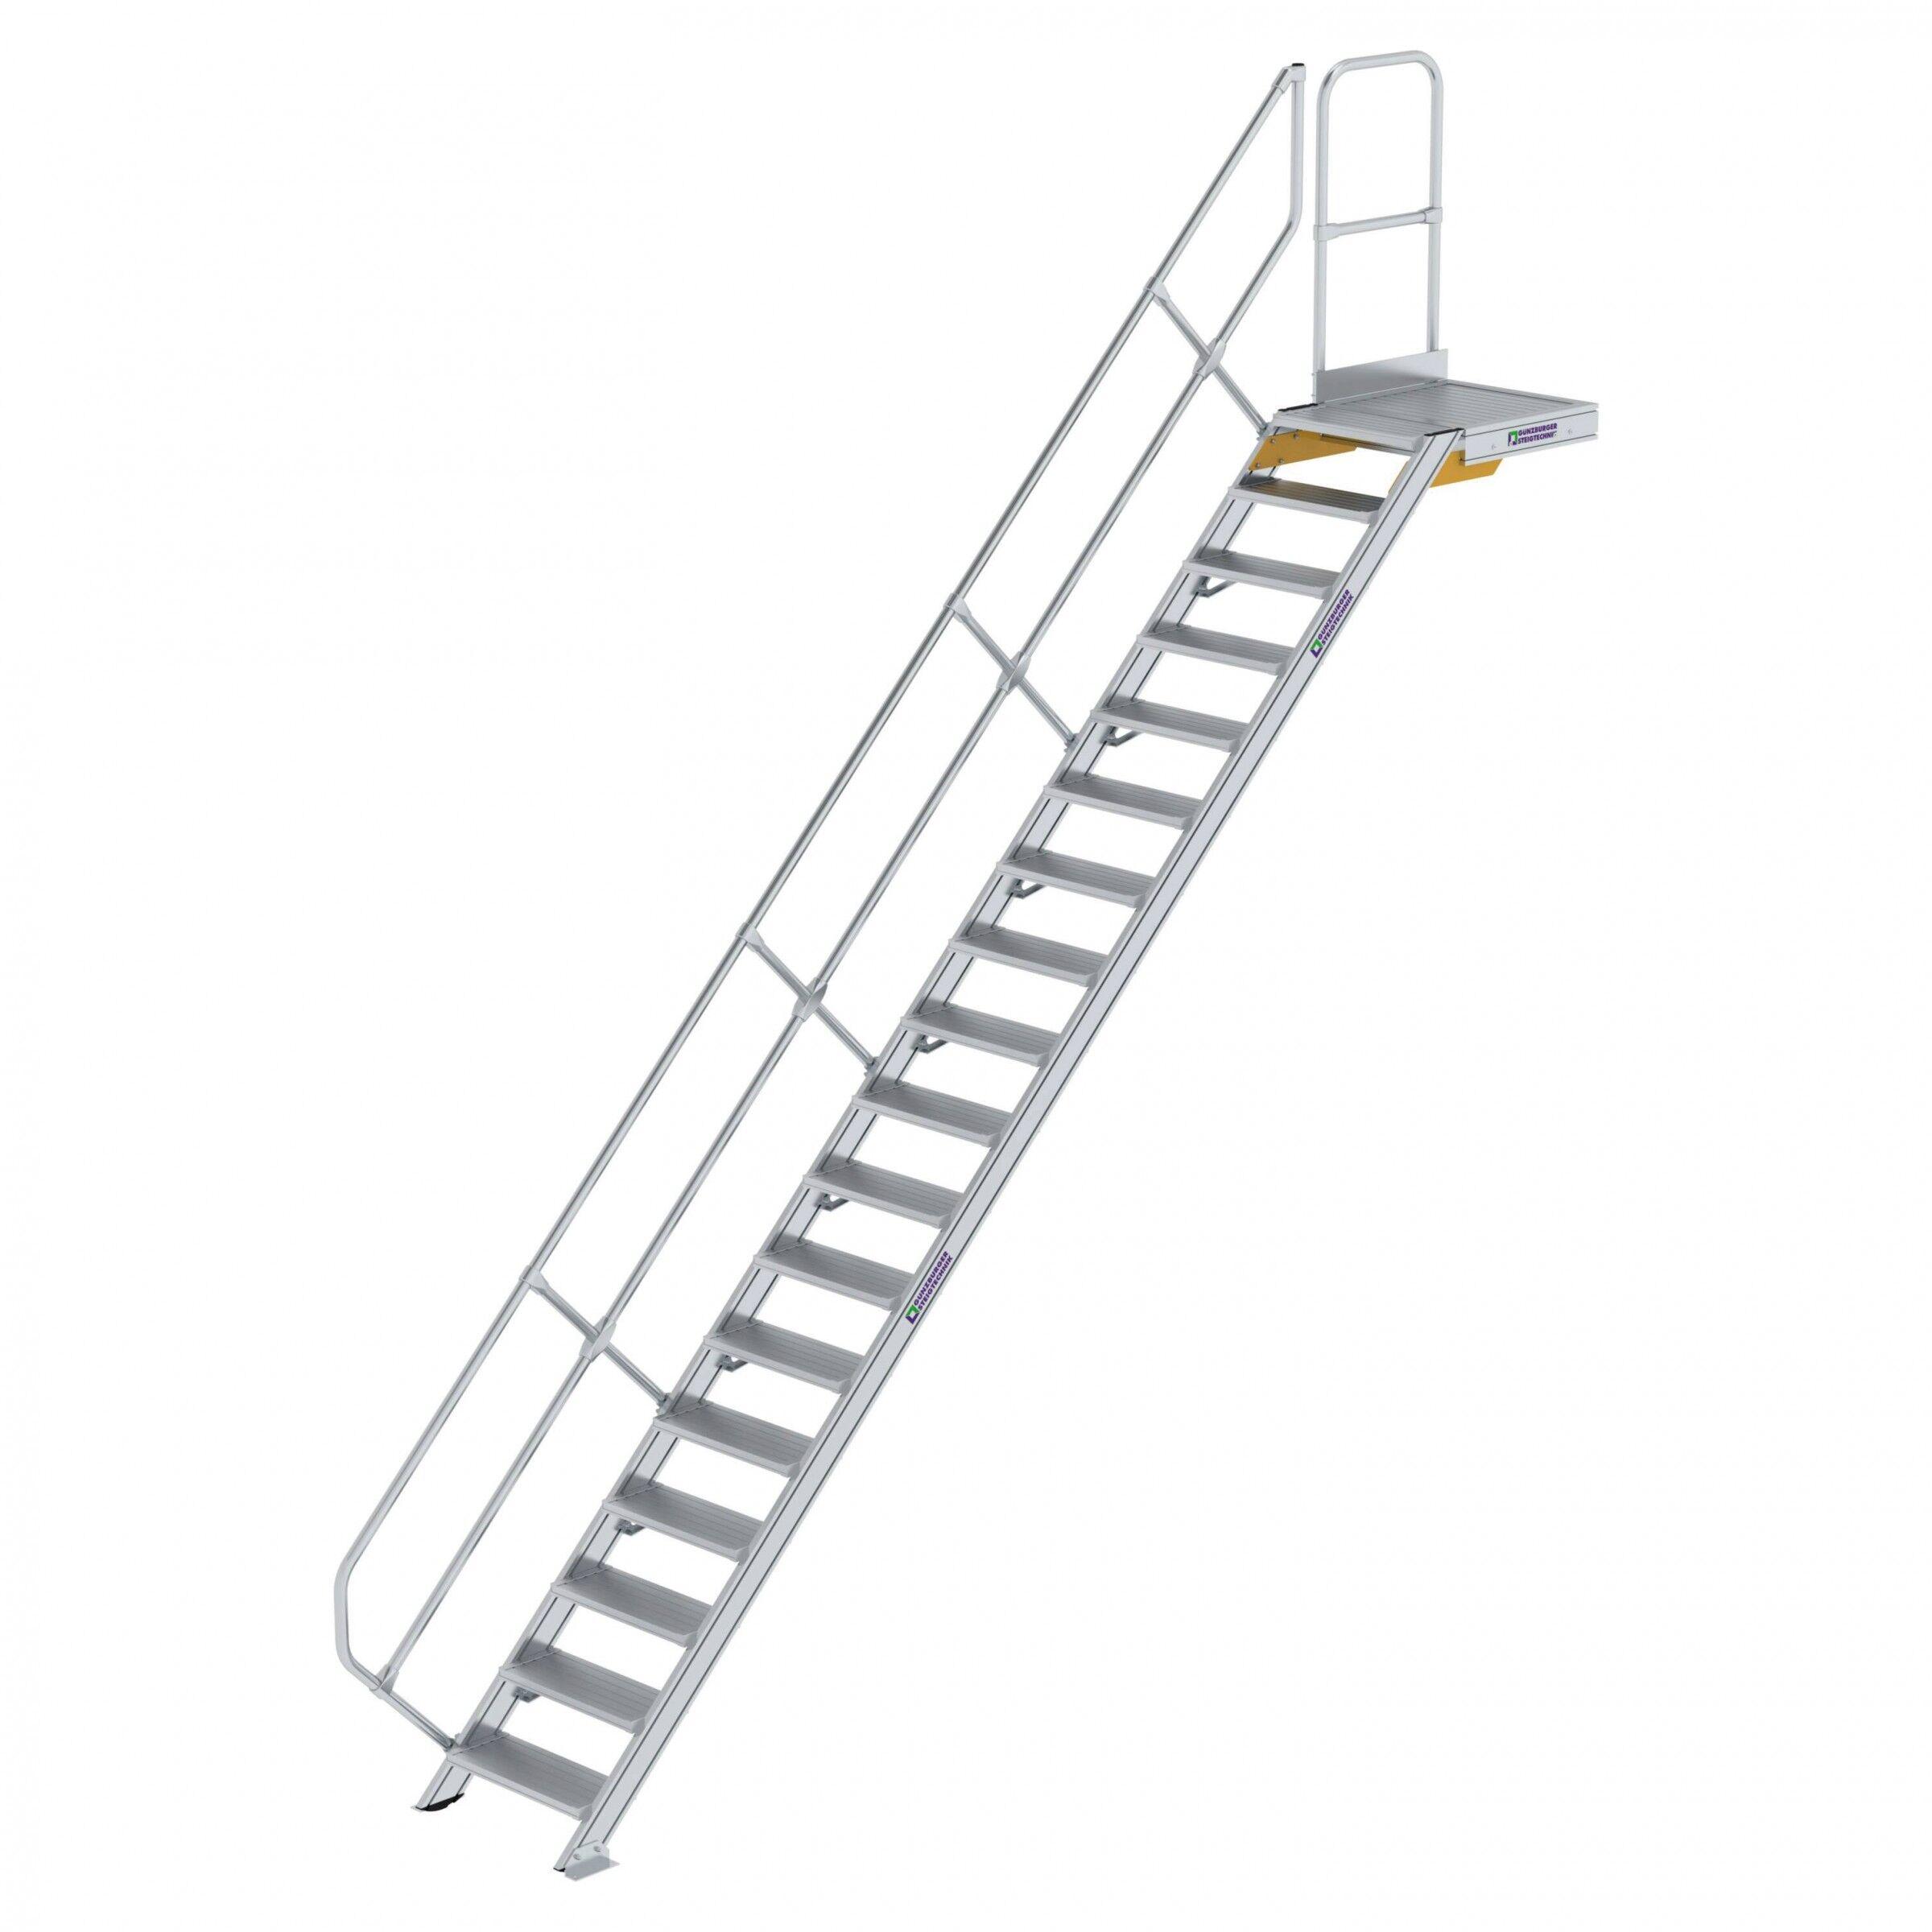 Günzburger Steigtechnik Günzburger Treppe mit Plattform 45° inkl. einen Handlauf, 600mm Stufenbreite, 18 Stufen